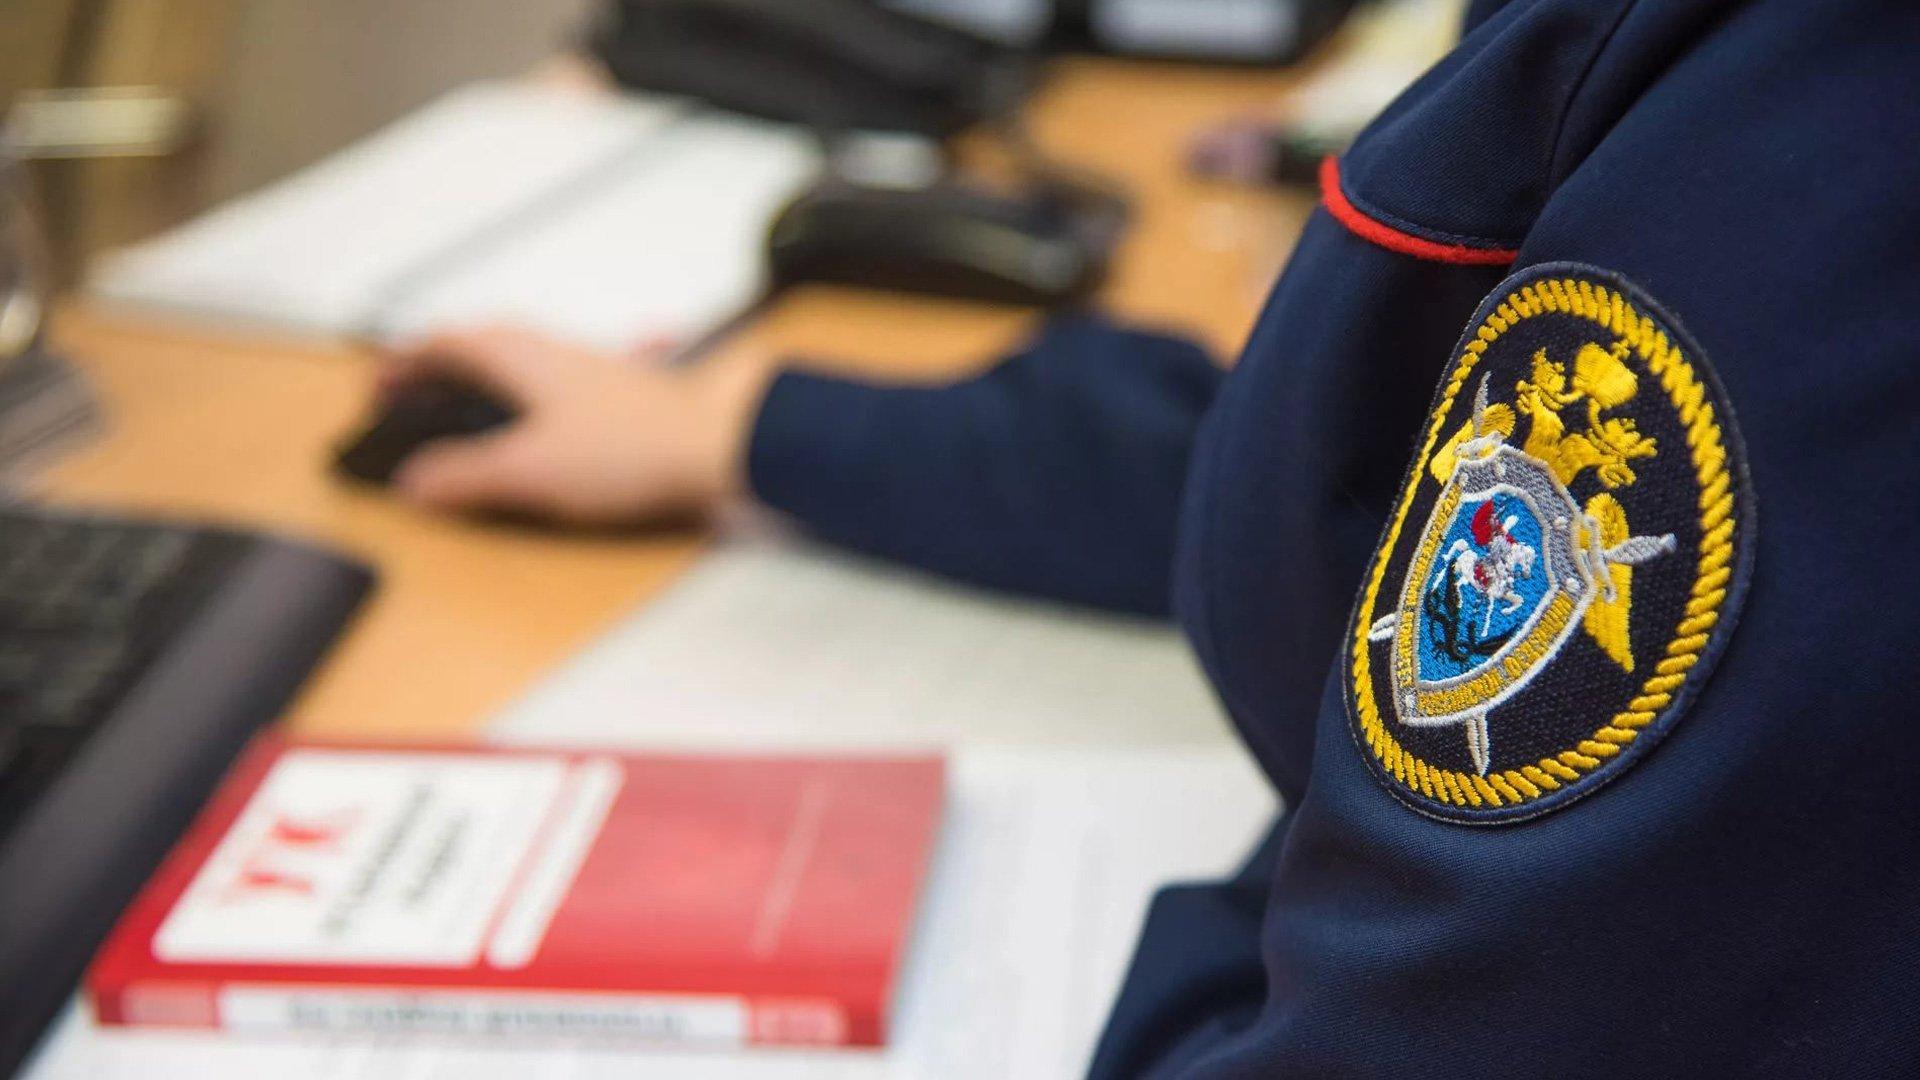 ВСаратове расследуют уголовное дело осоздании банды